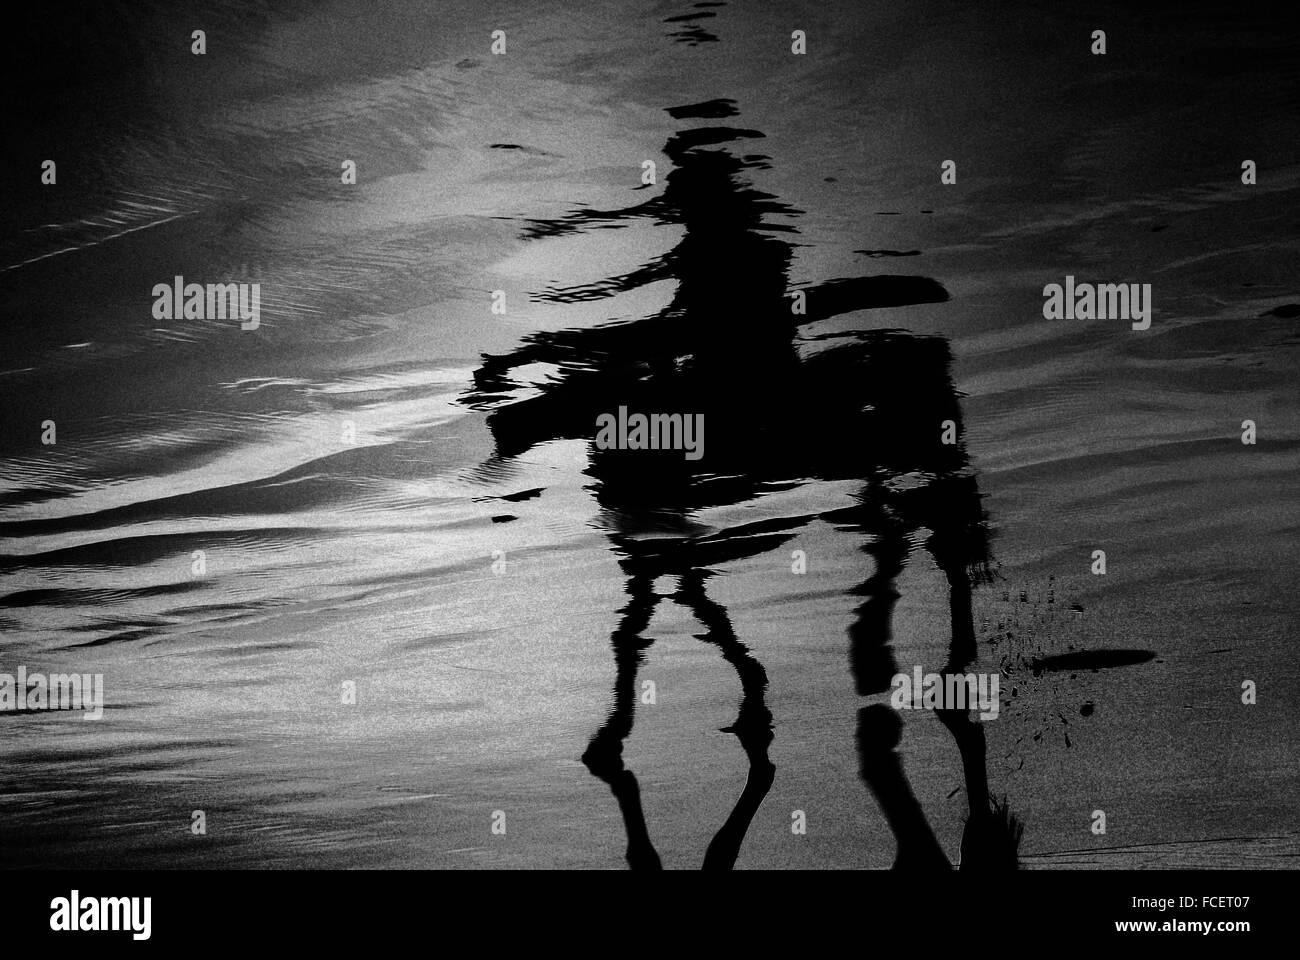 La réflexion de la personne sur l'équitation sur la plage Photo Stock